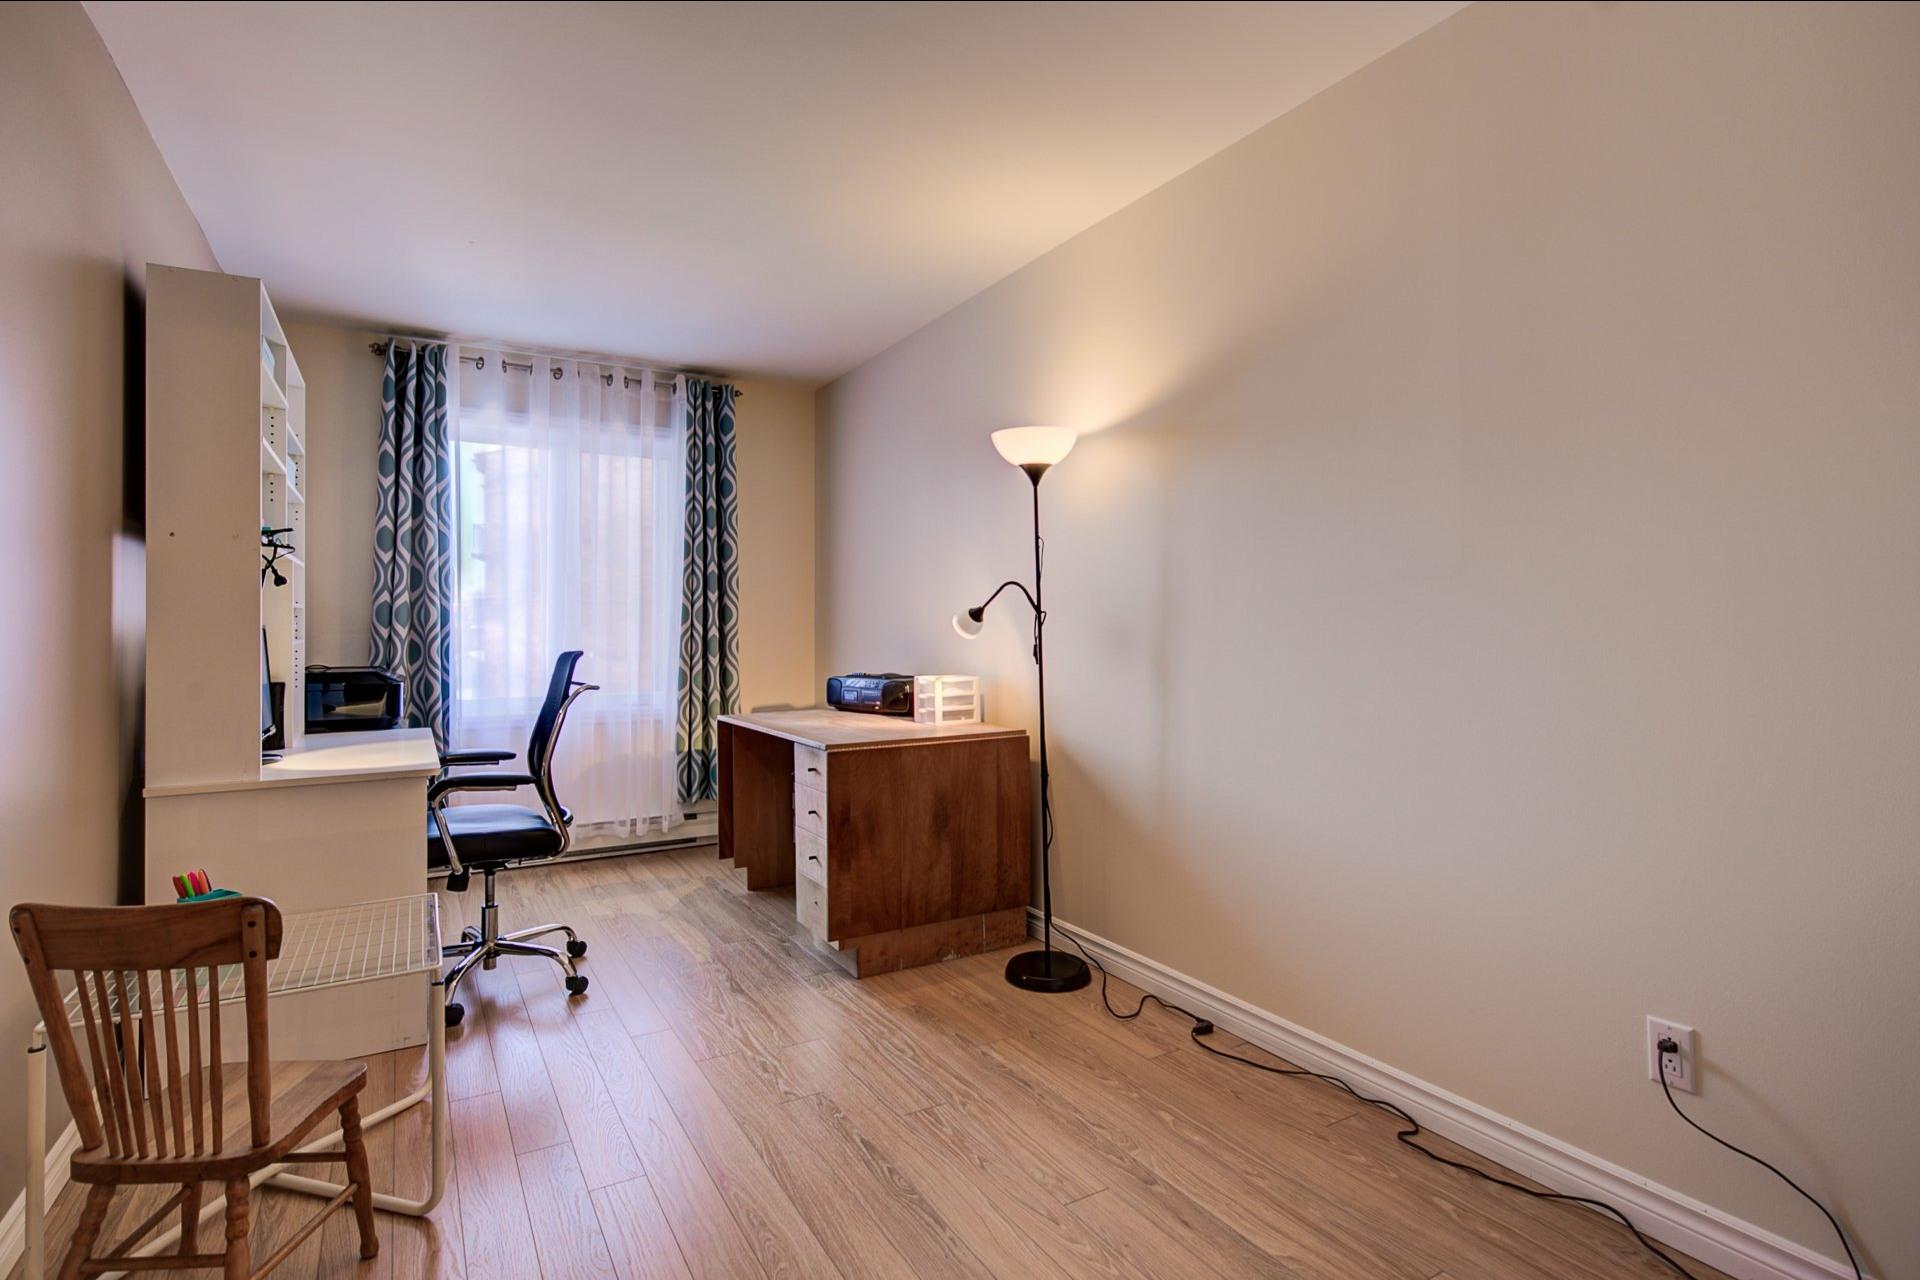 image 7 - Appartement À vendre Boucherville - 7 pièces